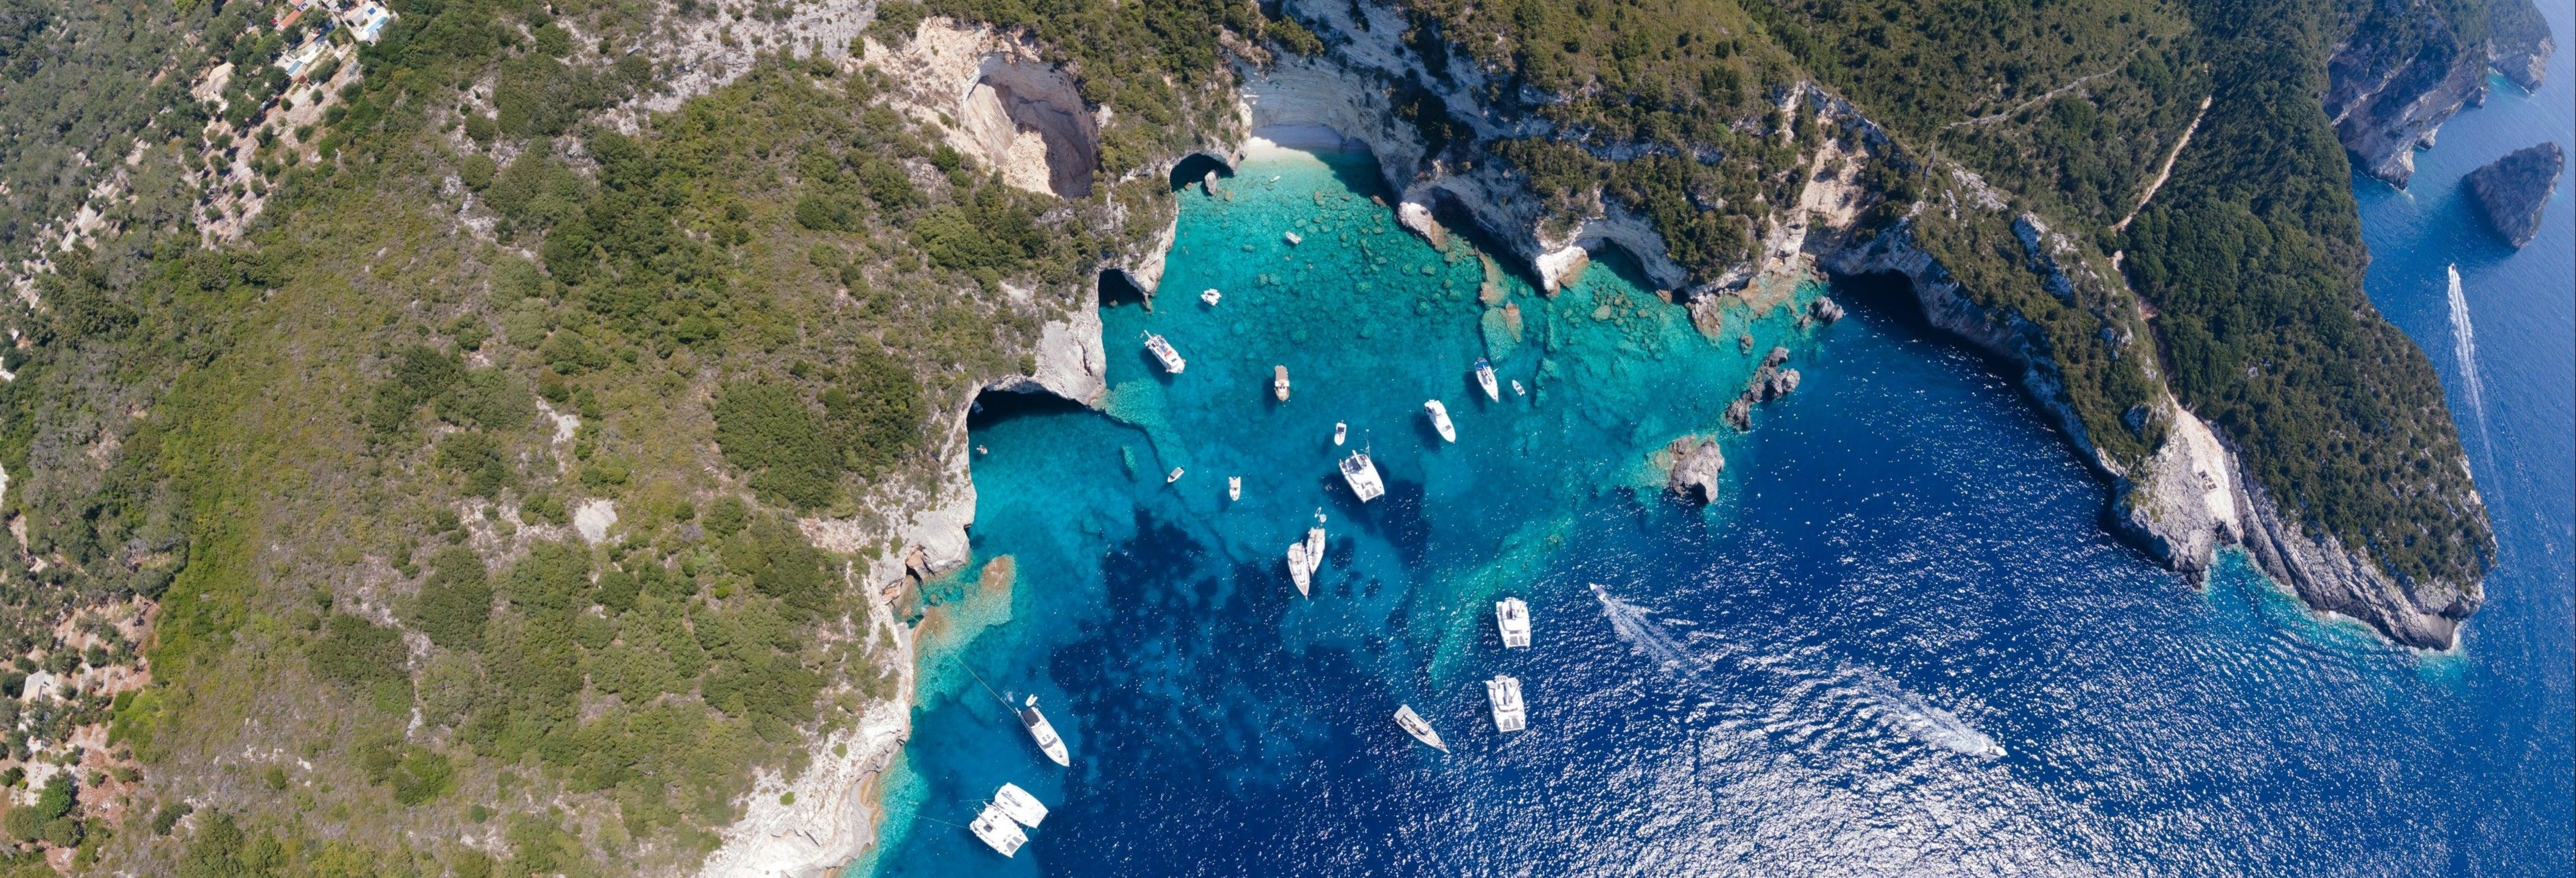 Escursione a Passo e alle Grotte blu in barca